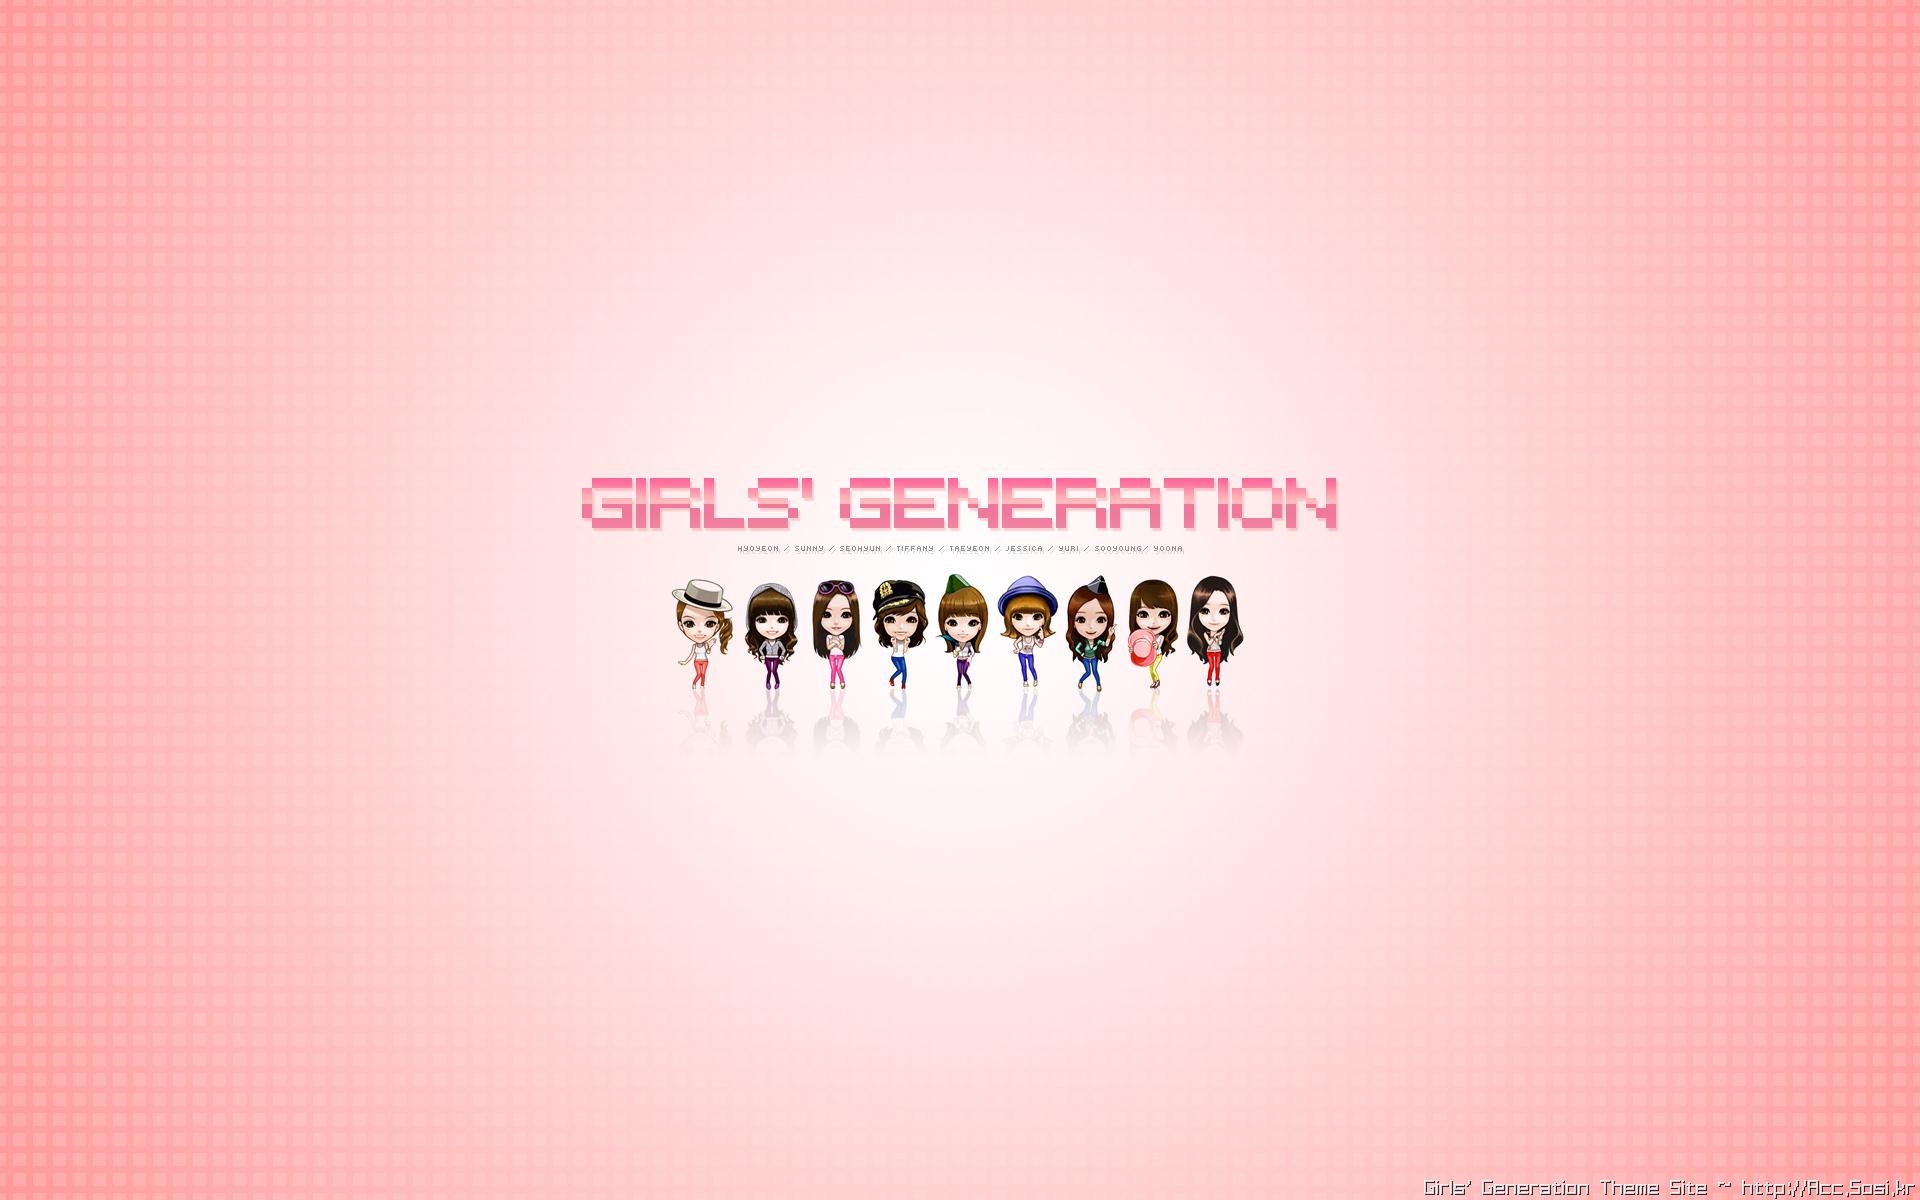 Girls Generation Wallpaper - WallpaperSafari